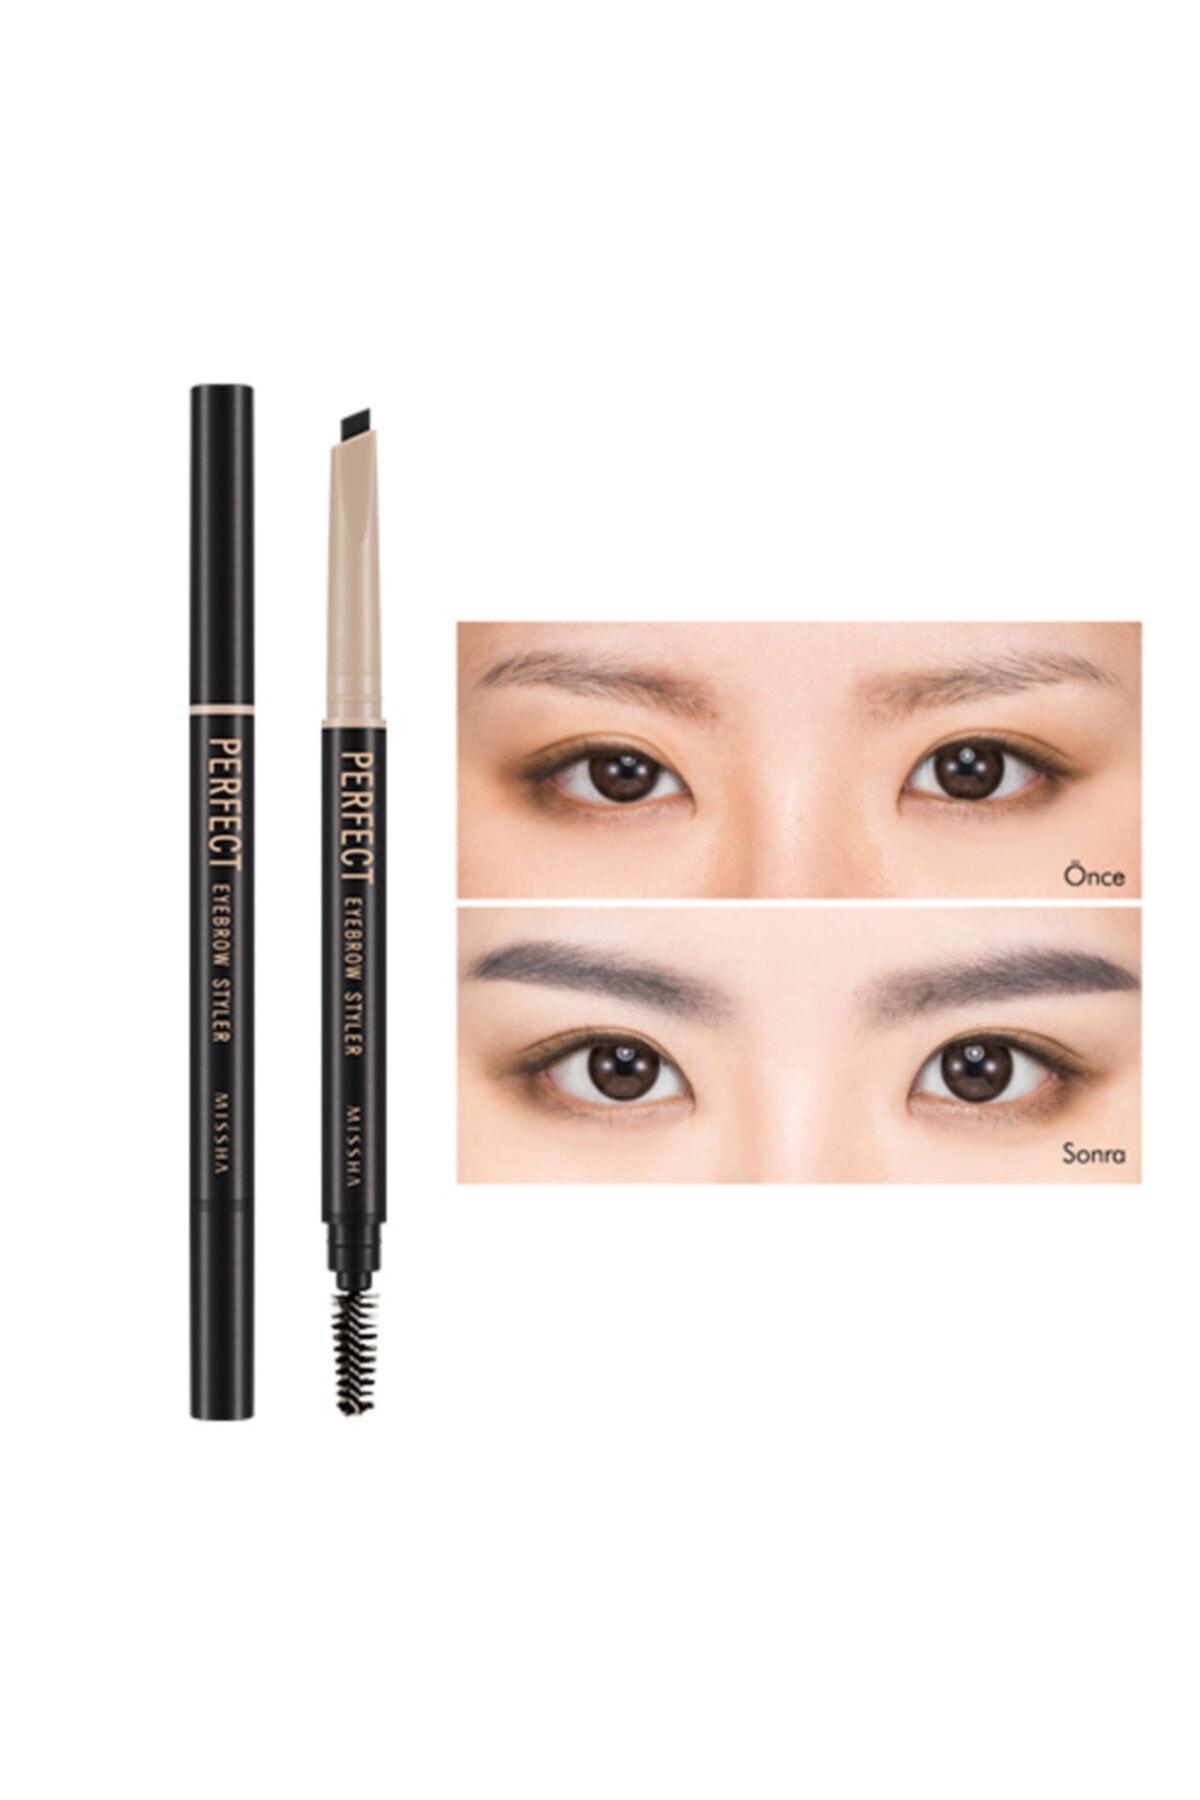 Missha Suya Dayanıklı Kaş Kalemi Perfect Eyebrow Styler (Black) 8806185749961 1